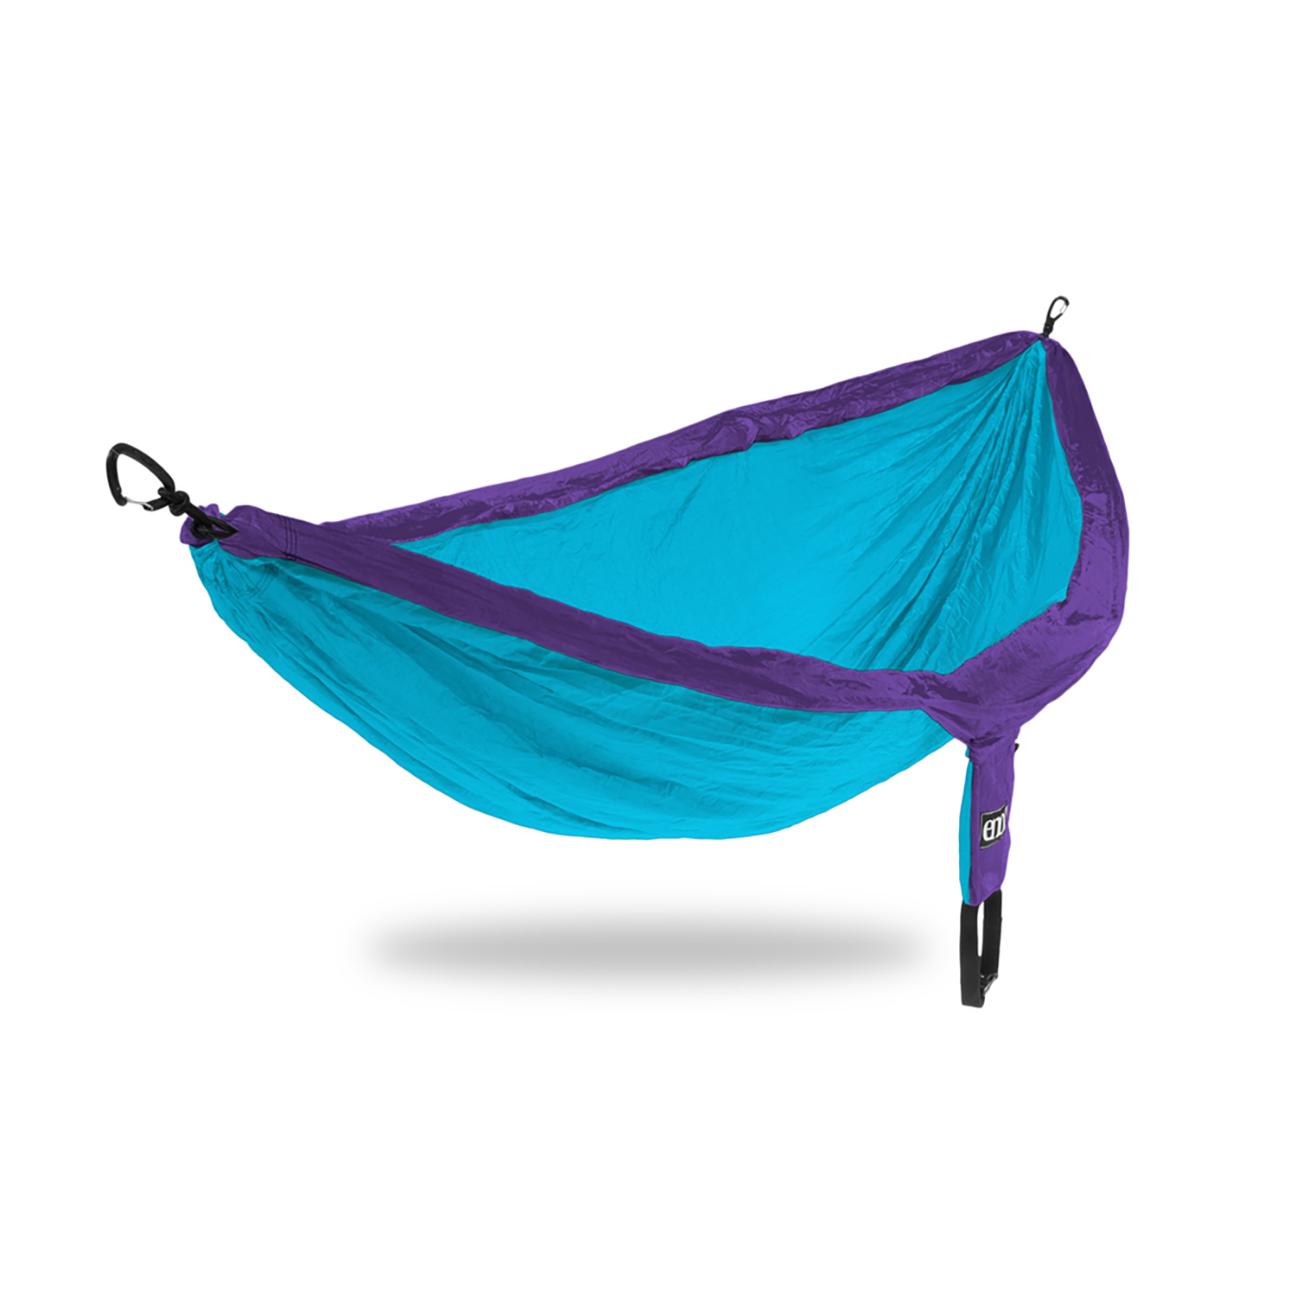 DoubleNest Hammock, Purple/Teal-1